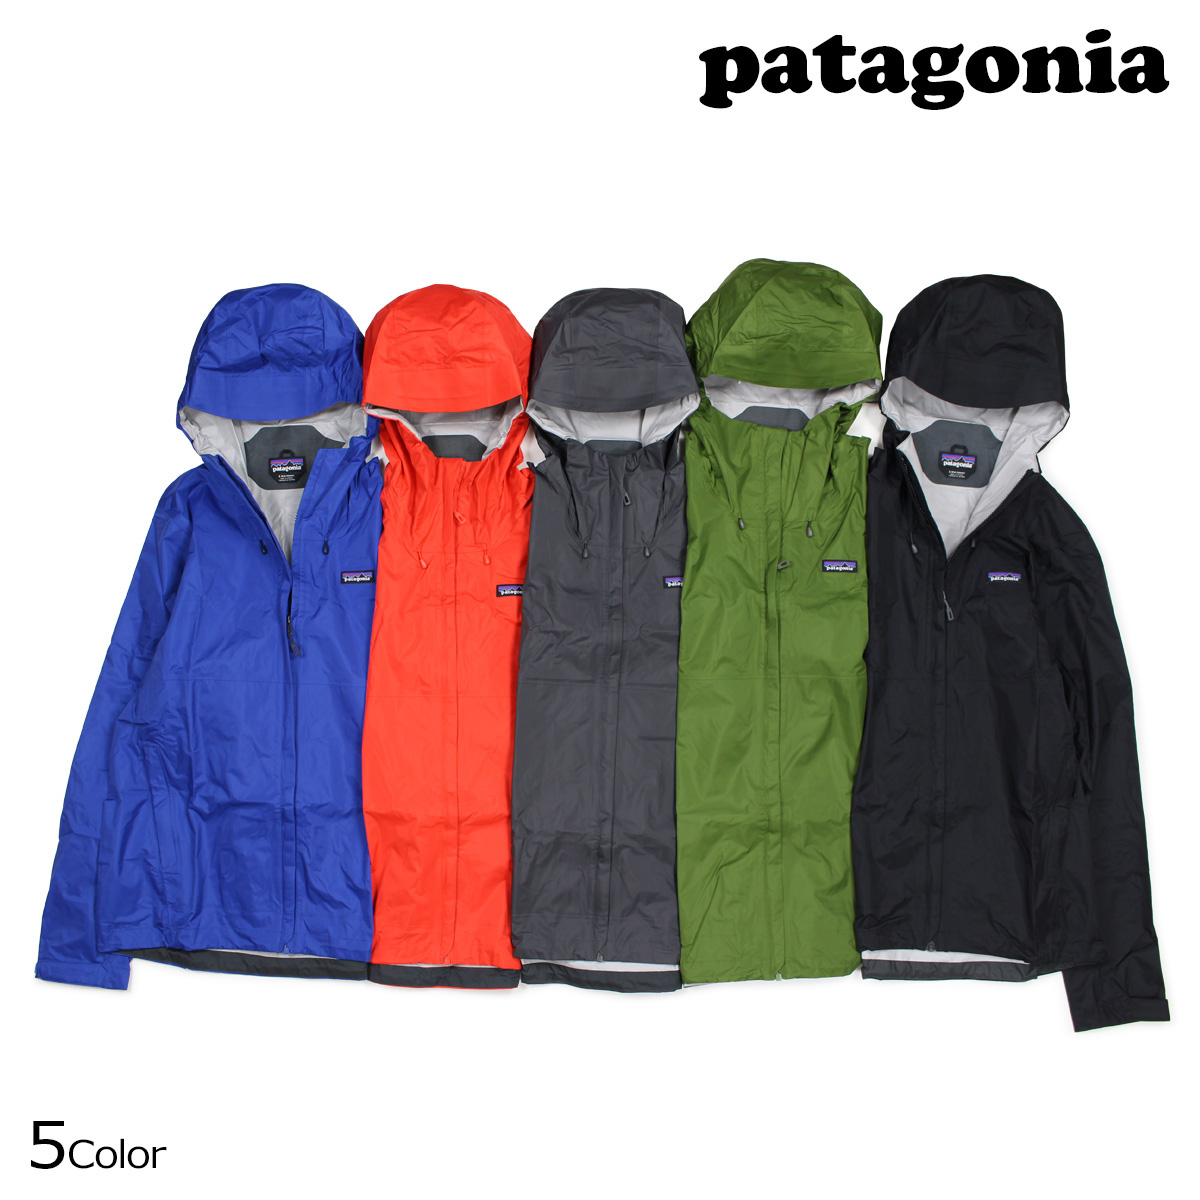 パタゴニア patagonia ジャケット メンズ MENS TORRENSTSHELL JACKET 83802 【決算セール 返品不可】